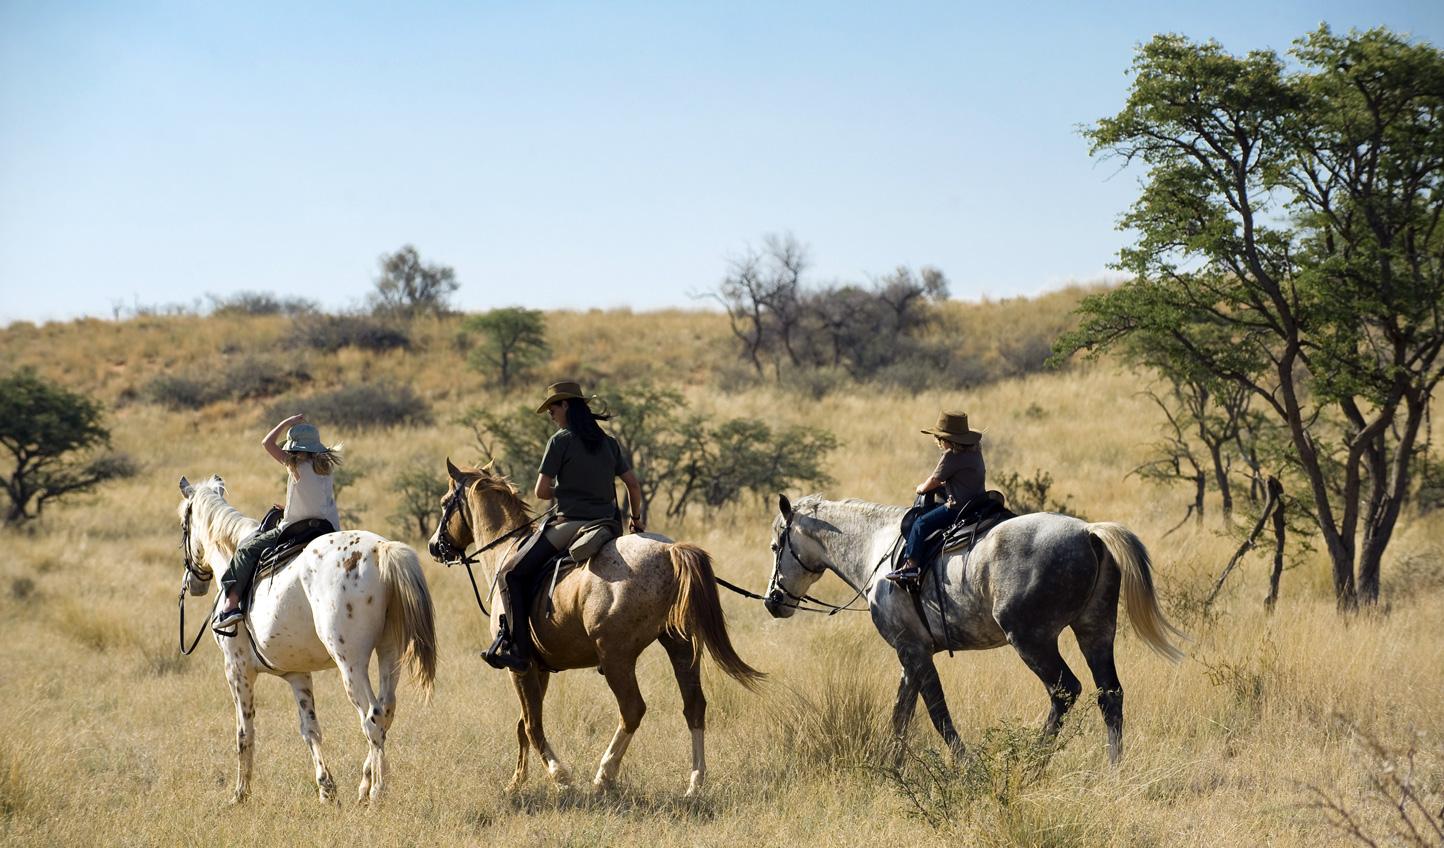 Saddle up on a horseback safari